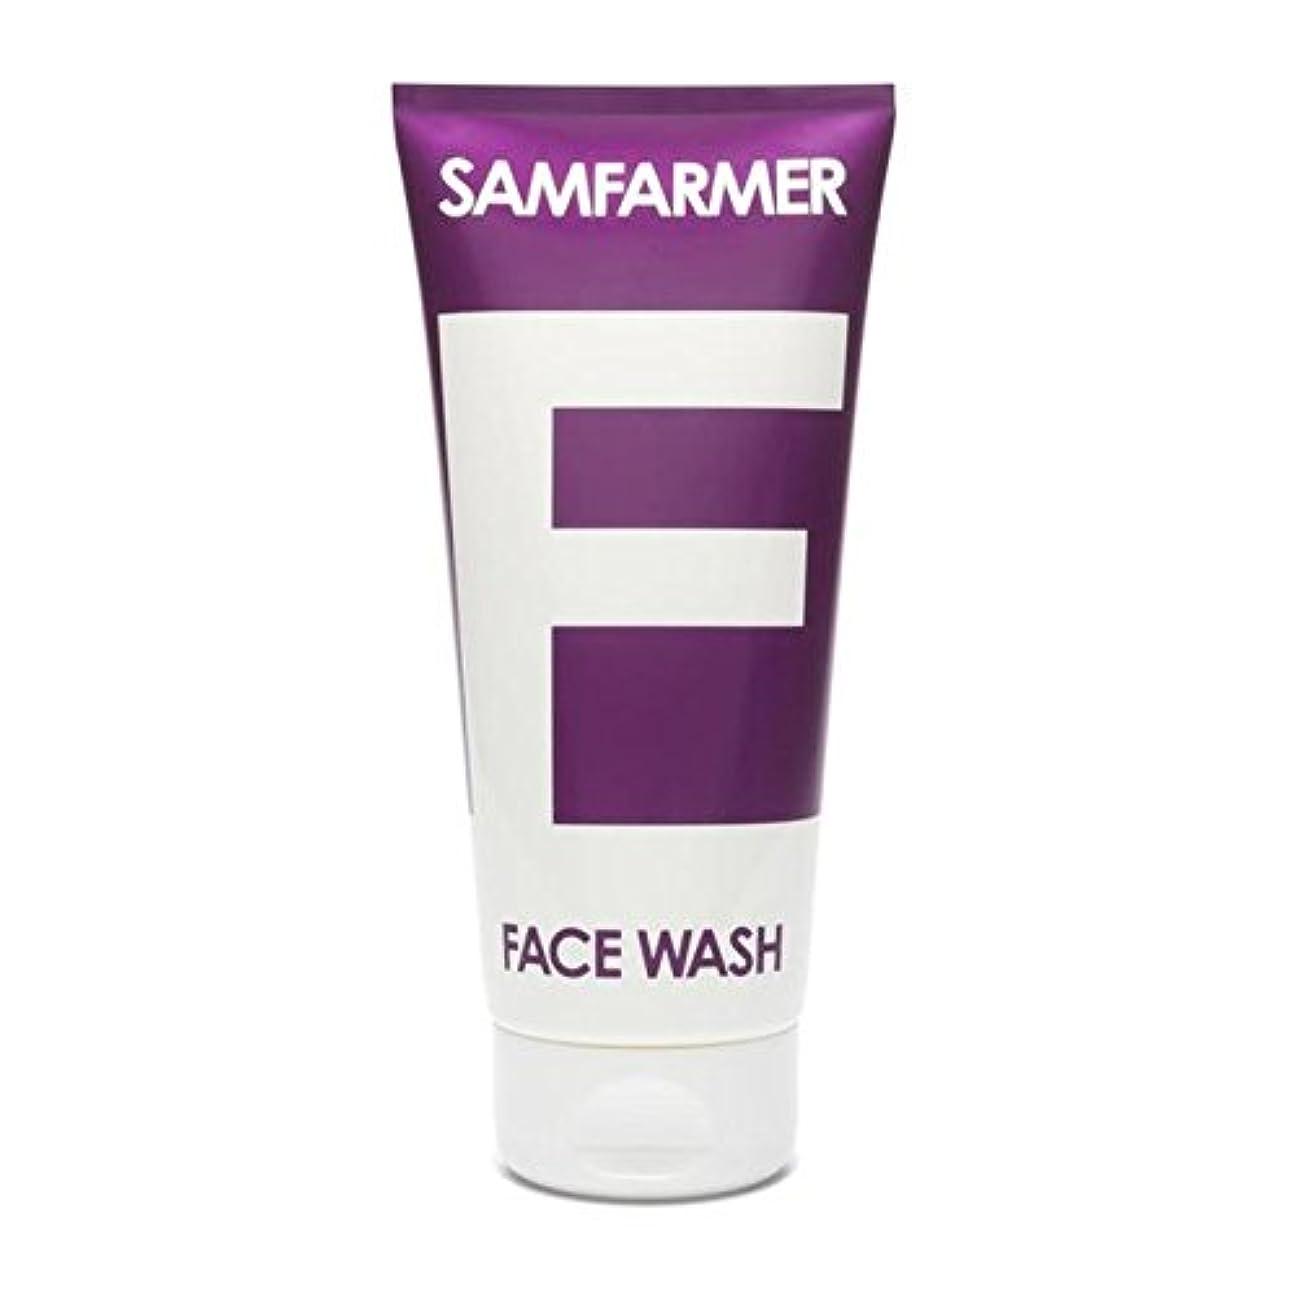 ぼろ野ウサギ割れ目SAMFARMER Unisex Face Wash 200ml (Pack of 6) - ユニセックスフェイスウォッシュ200ミリリットル x6 [並行輸入品]